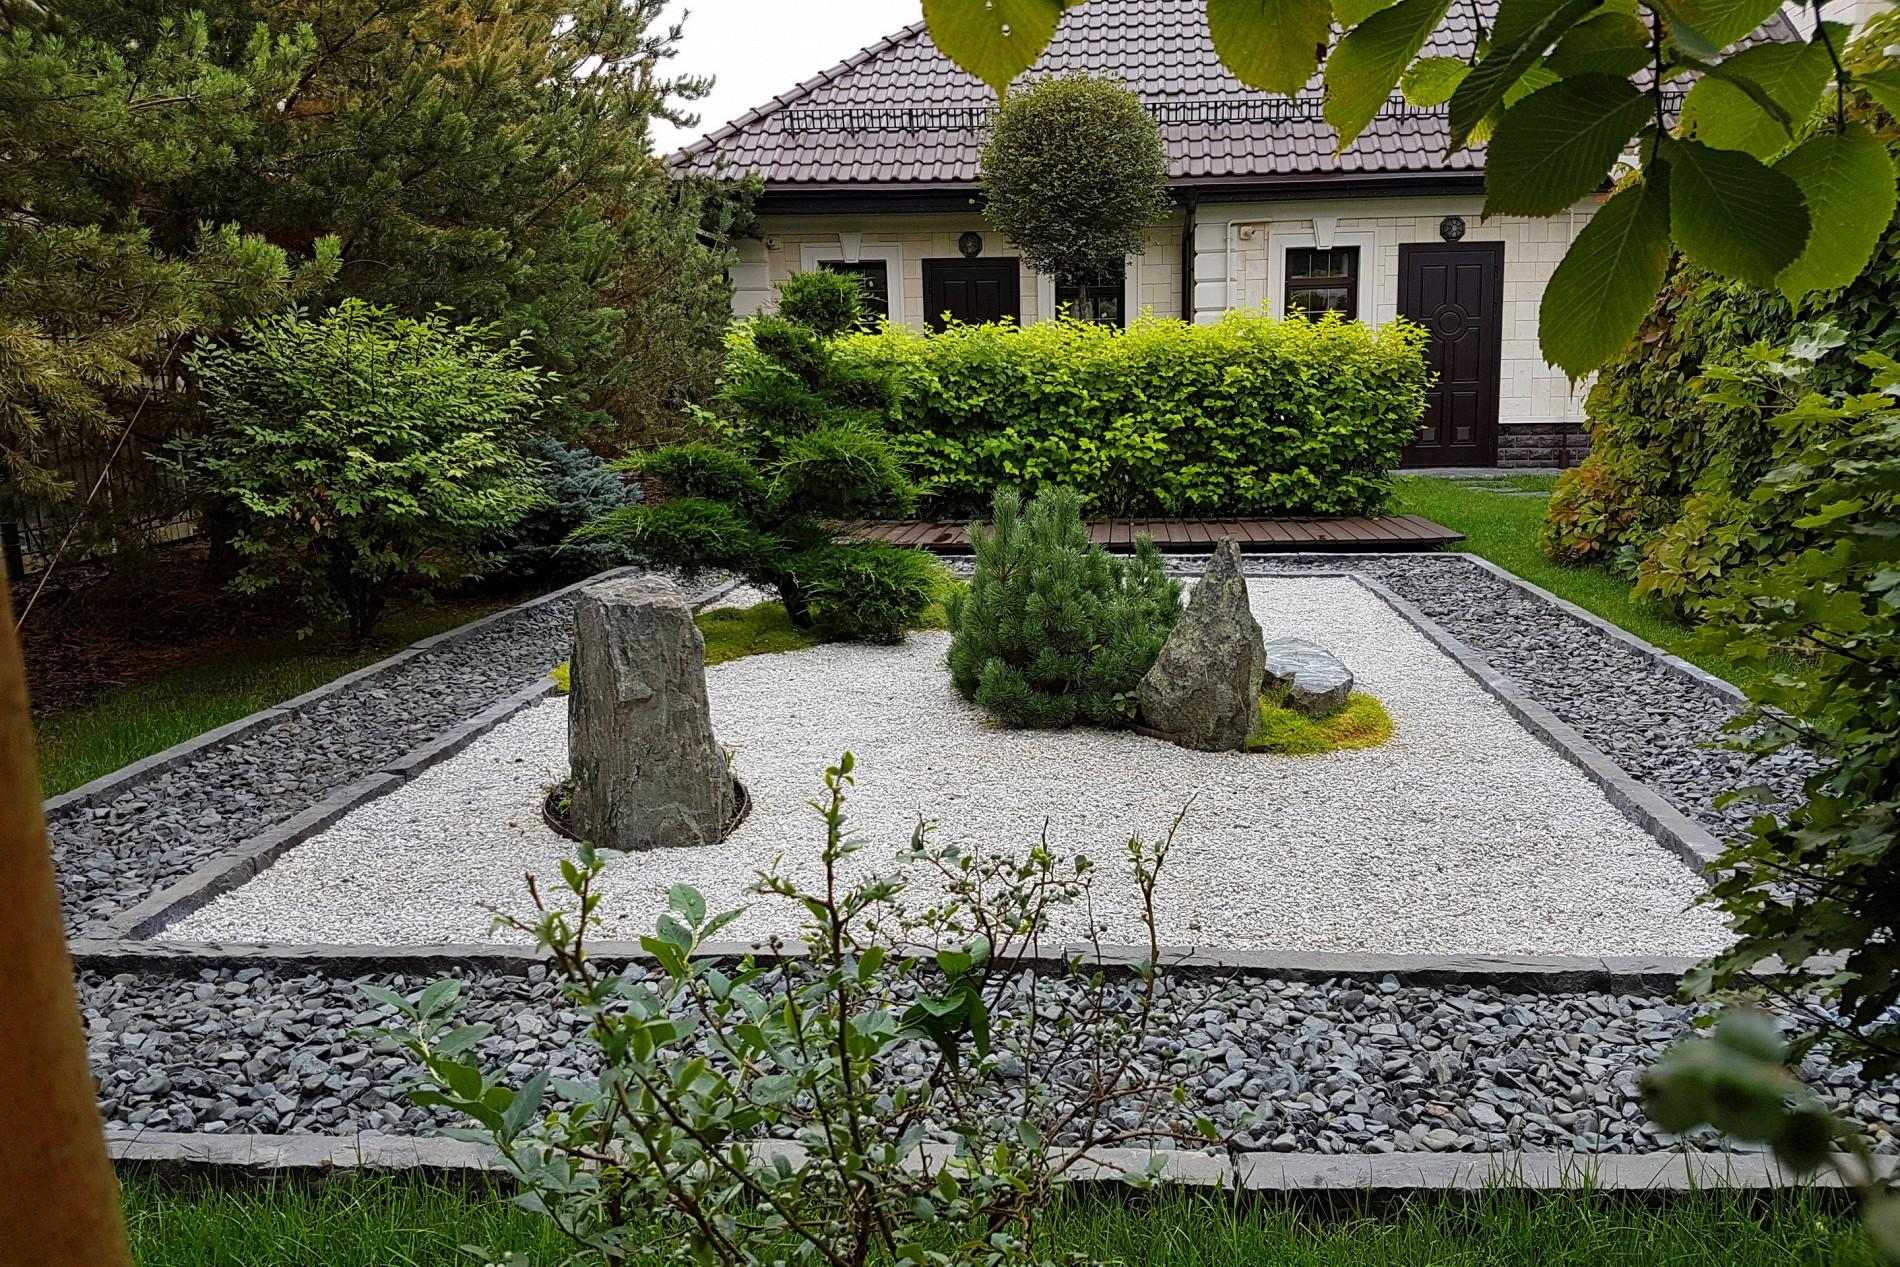 Японский сад в ландшафте дома  в поселке Миллениум Парк